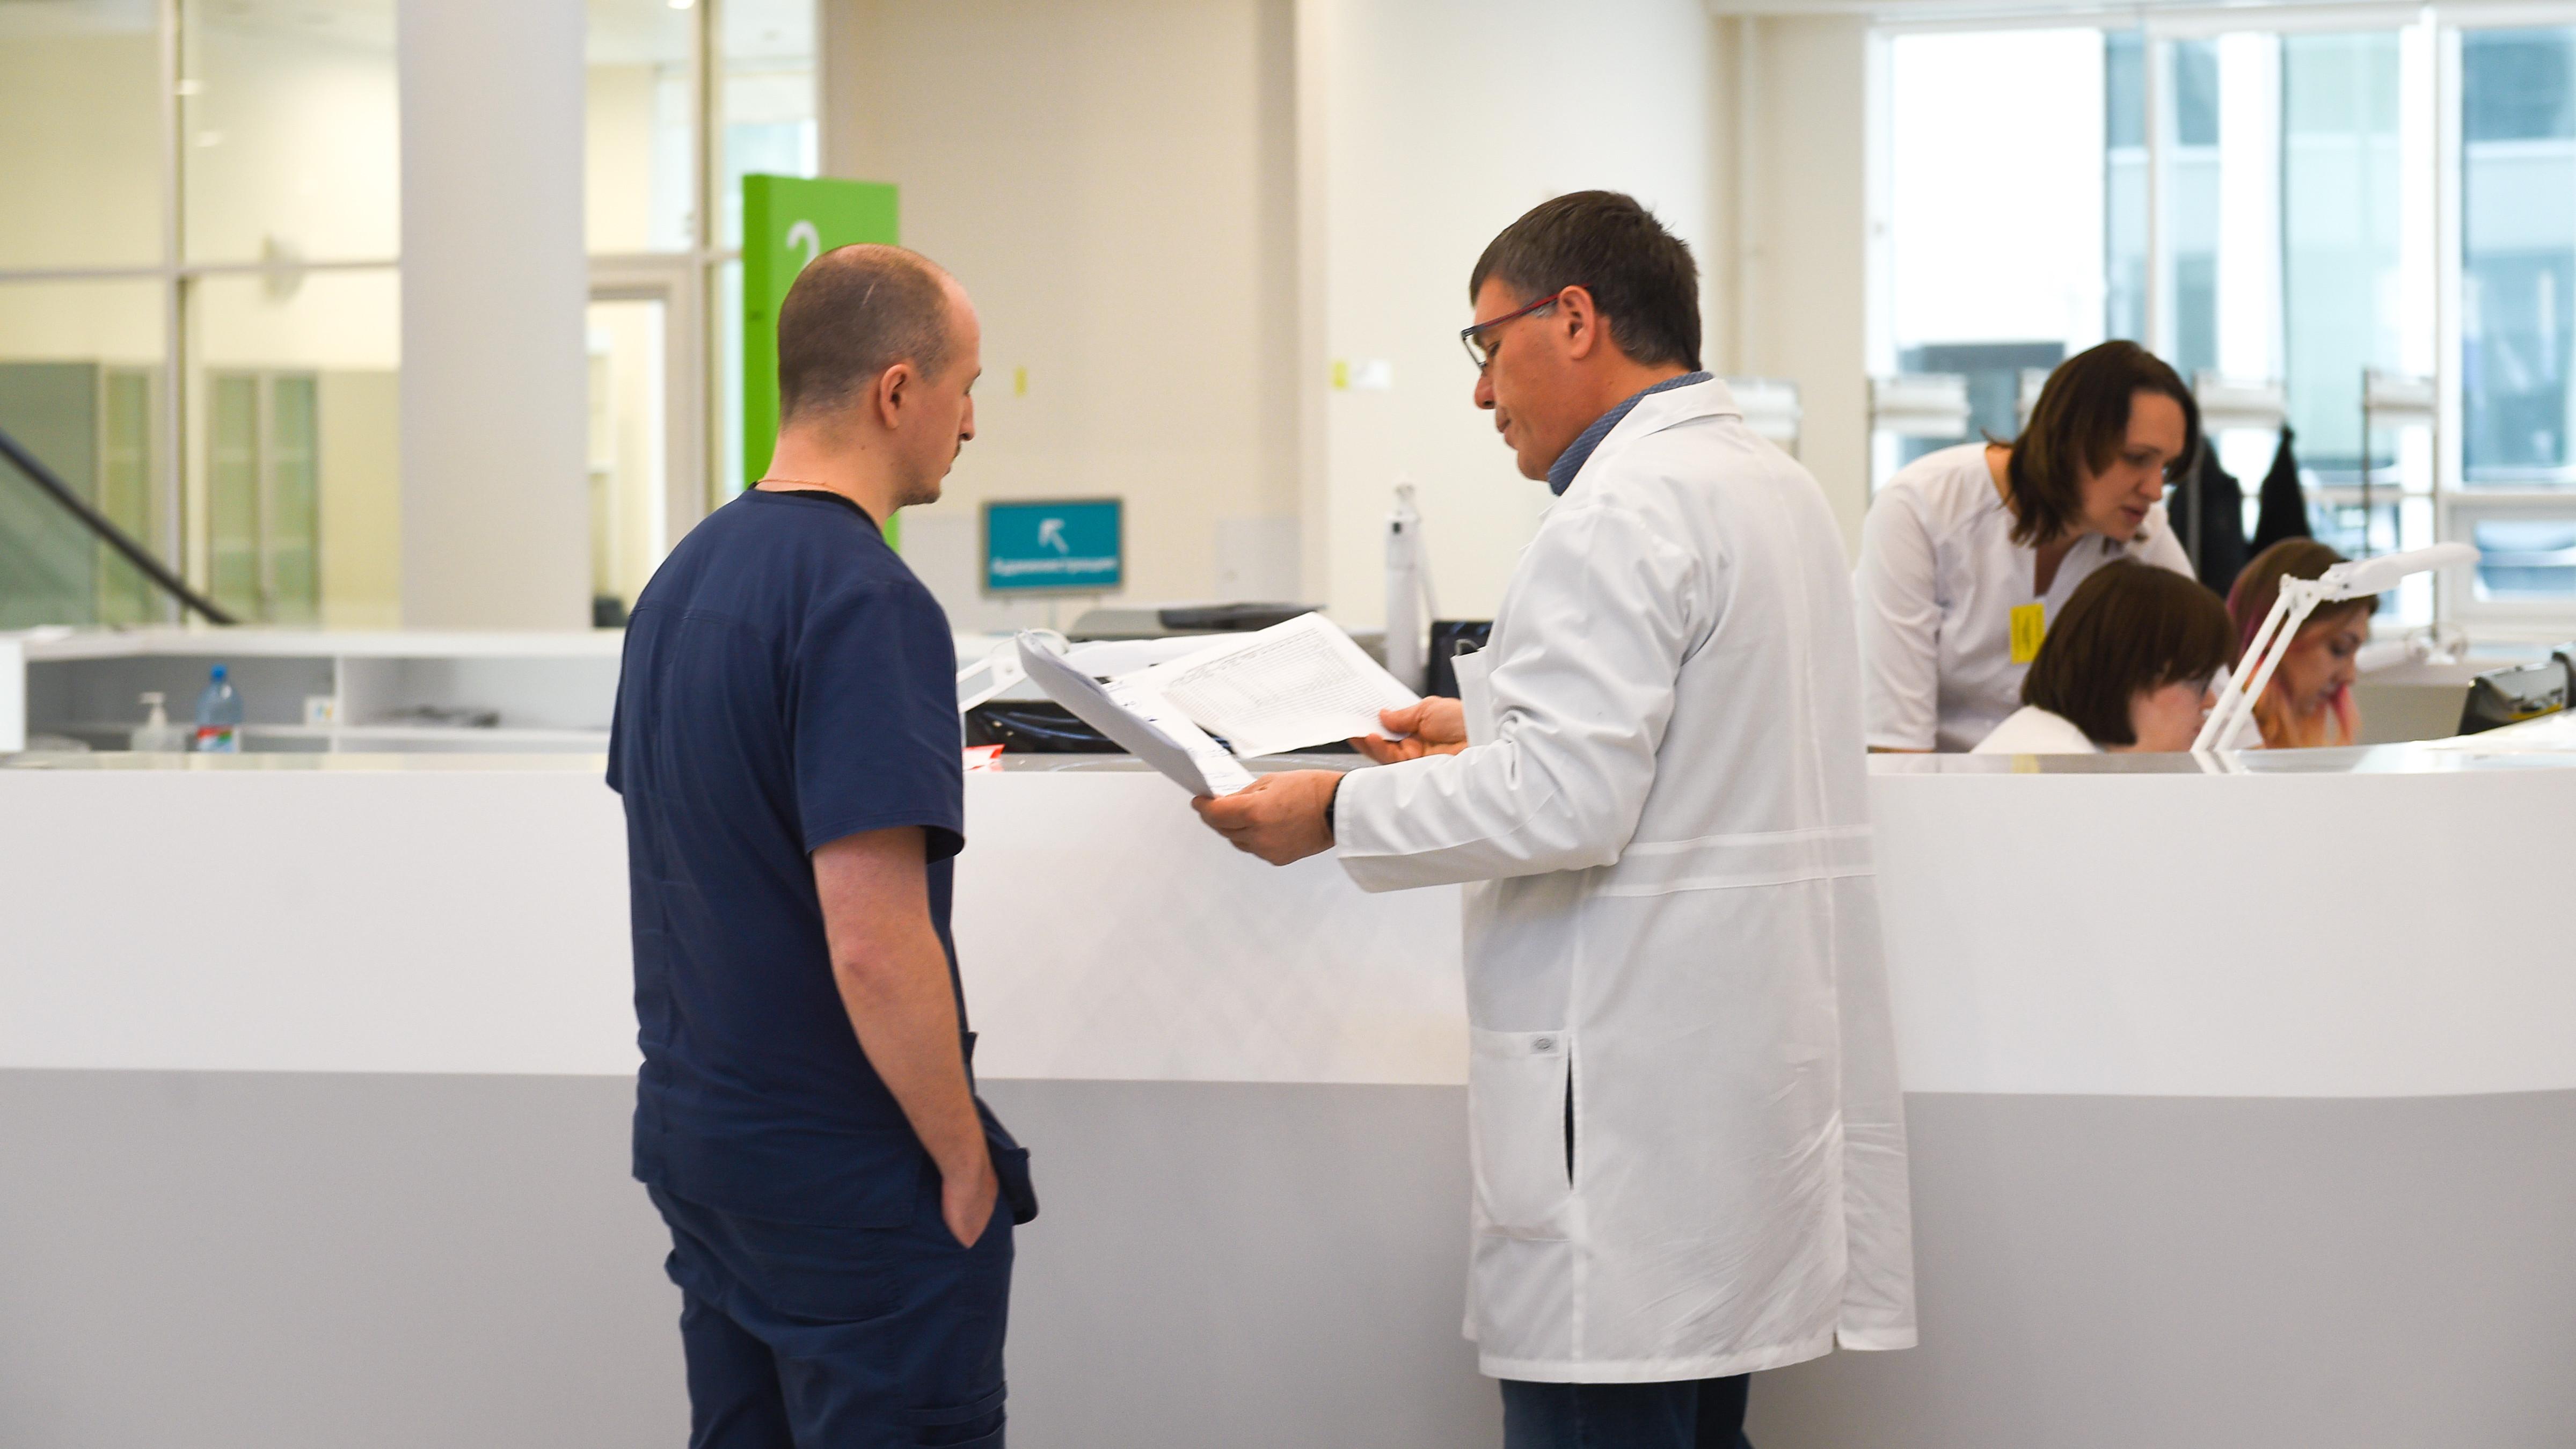 Округа-лидеры по новым случаям коронавируса определили в Подмосковье